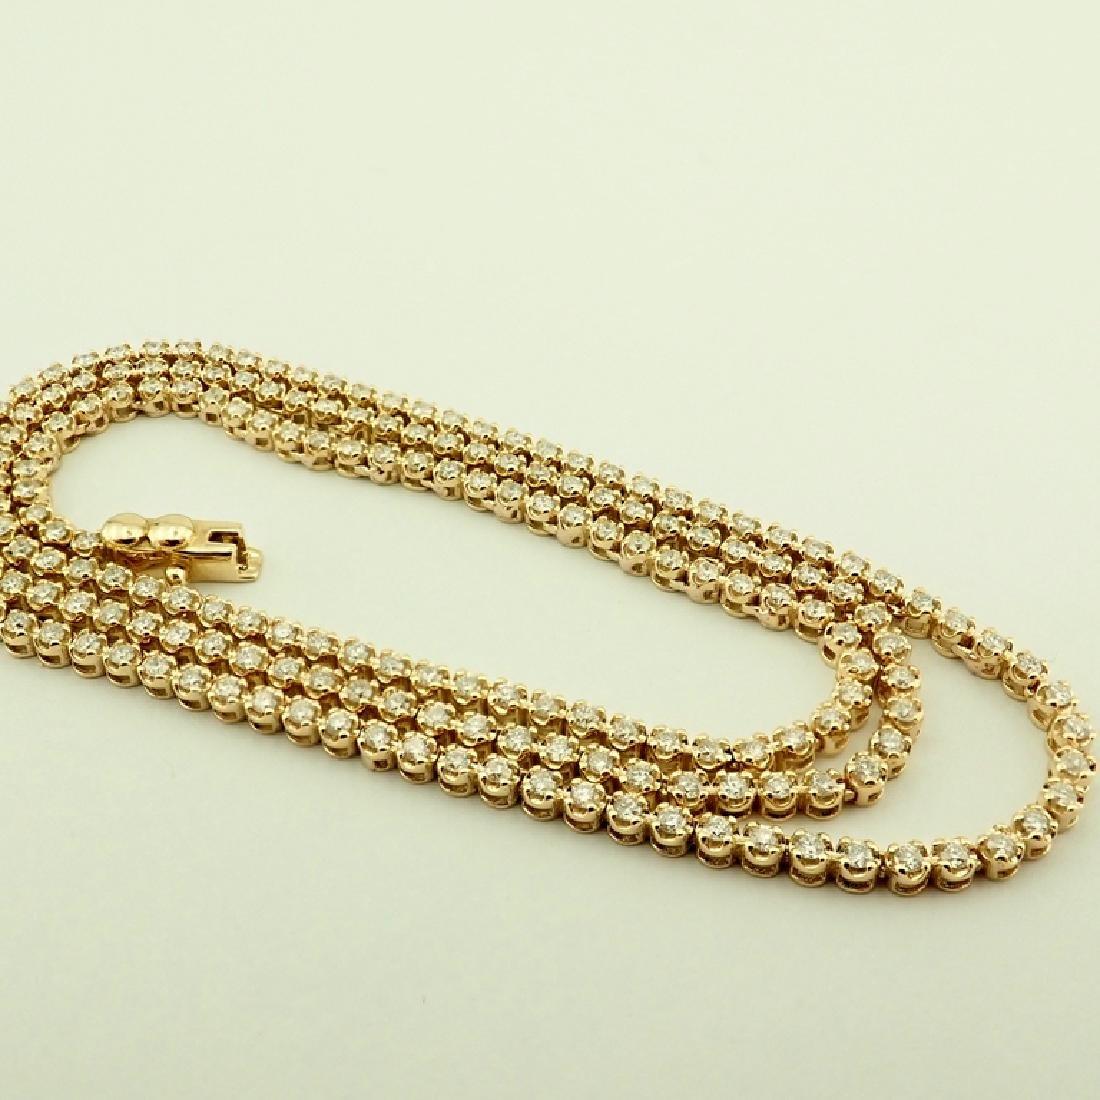 14K 2,02 ct Diamond Tennis Necklace - 2